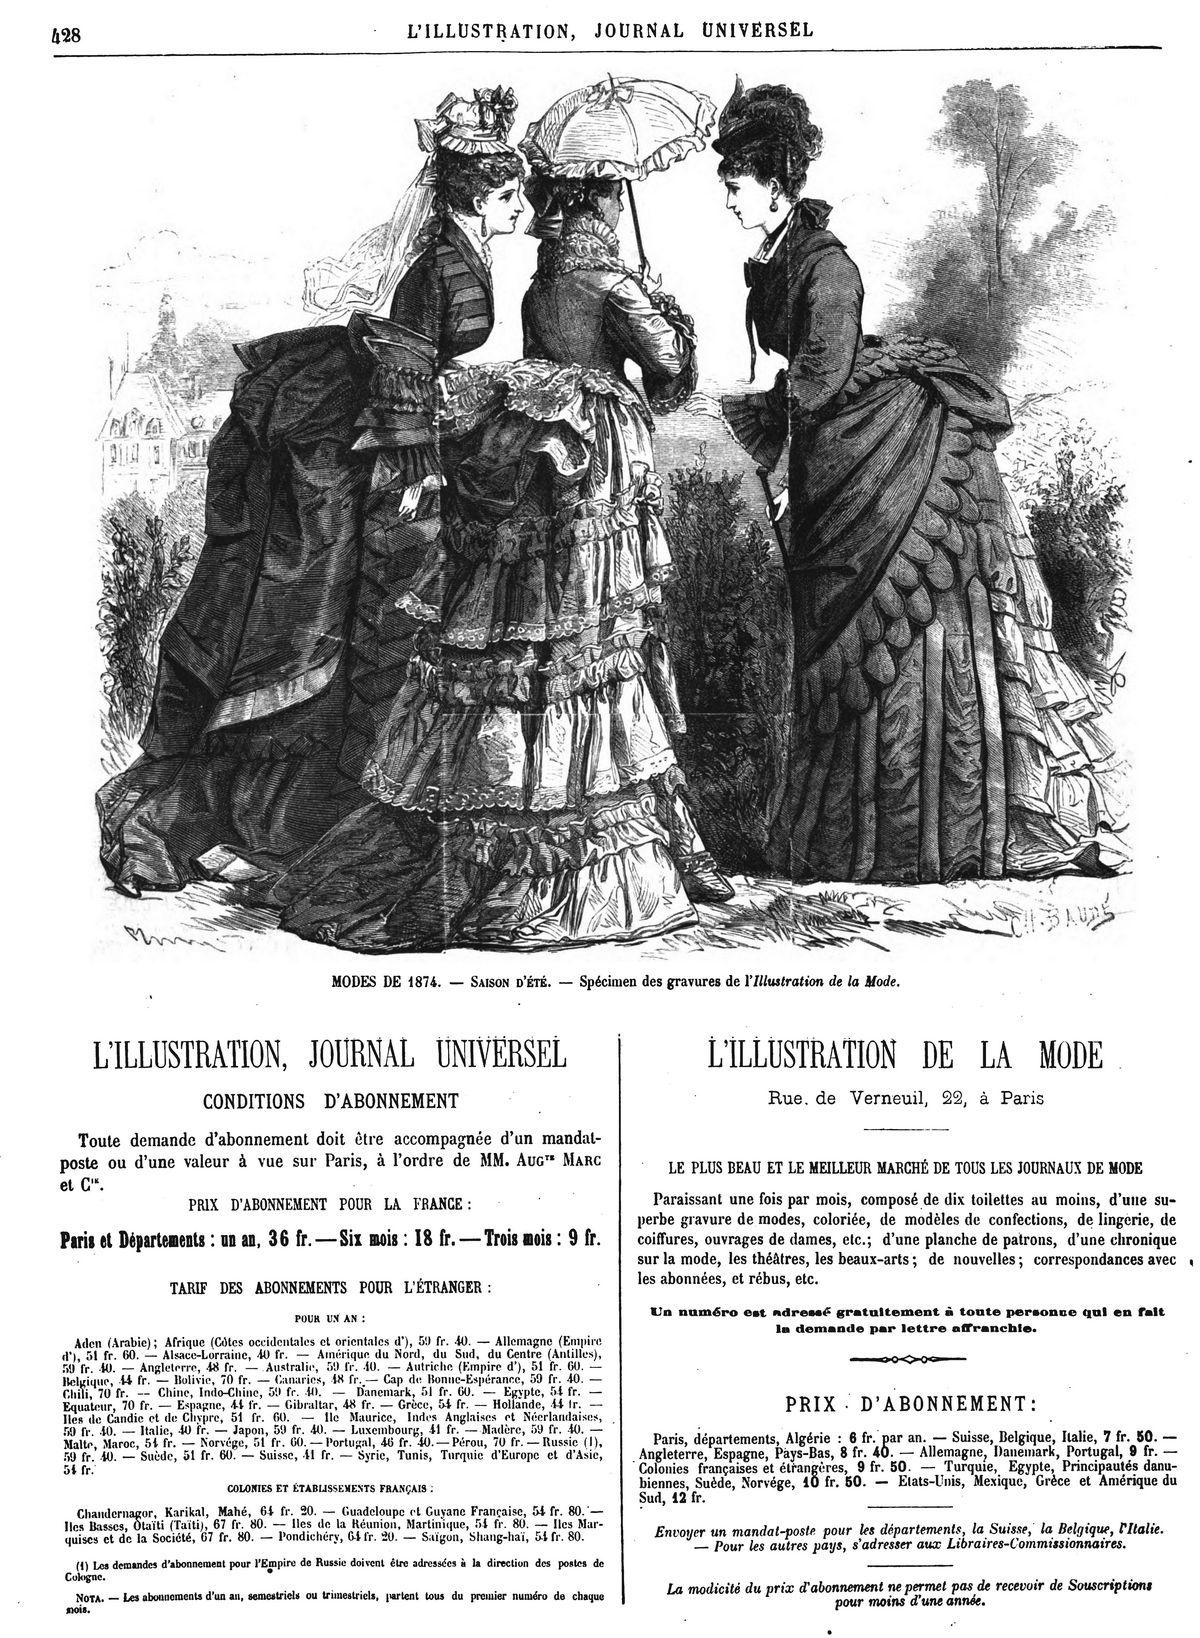 Modes de 1874 : saison d'été, spécimen des gravures de l'Illustration de la Mode. (gravure 1874)